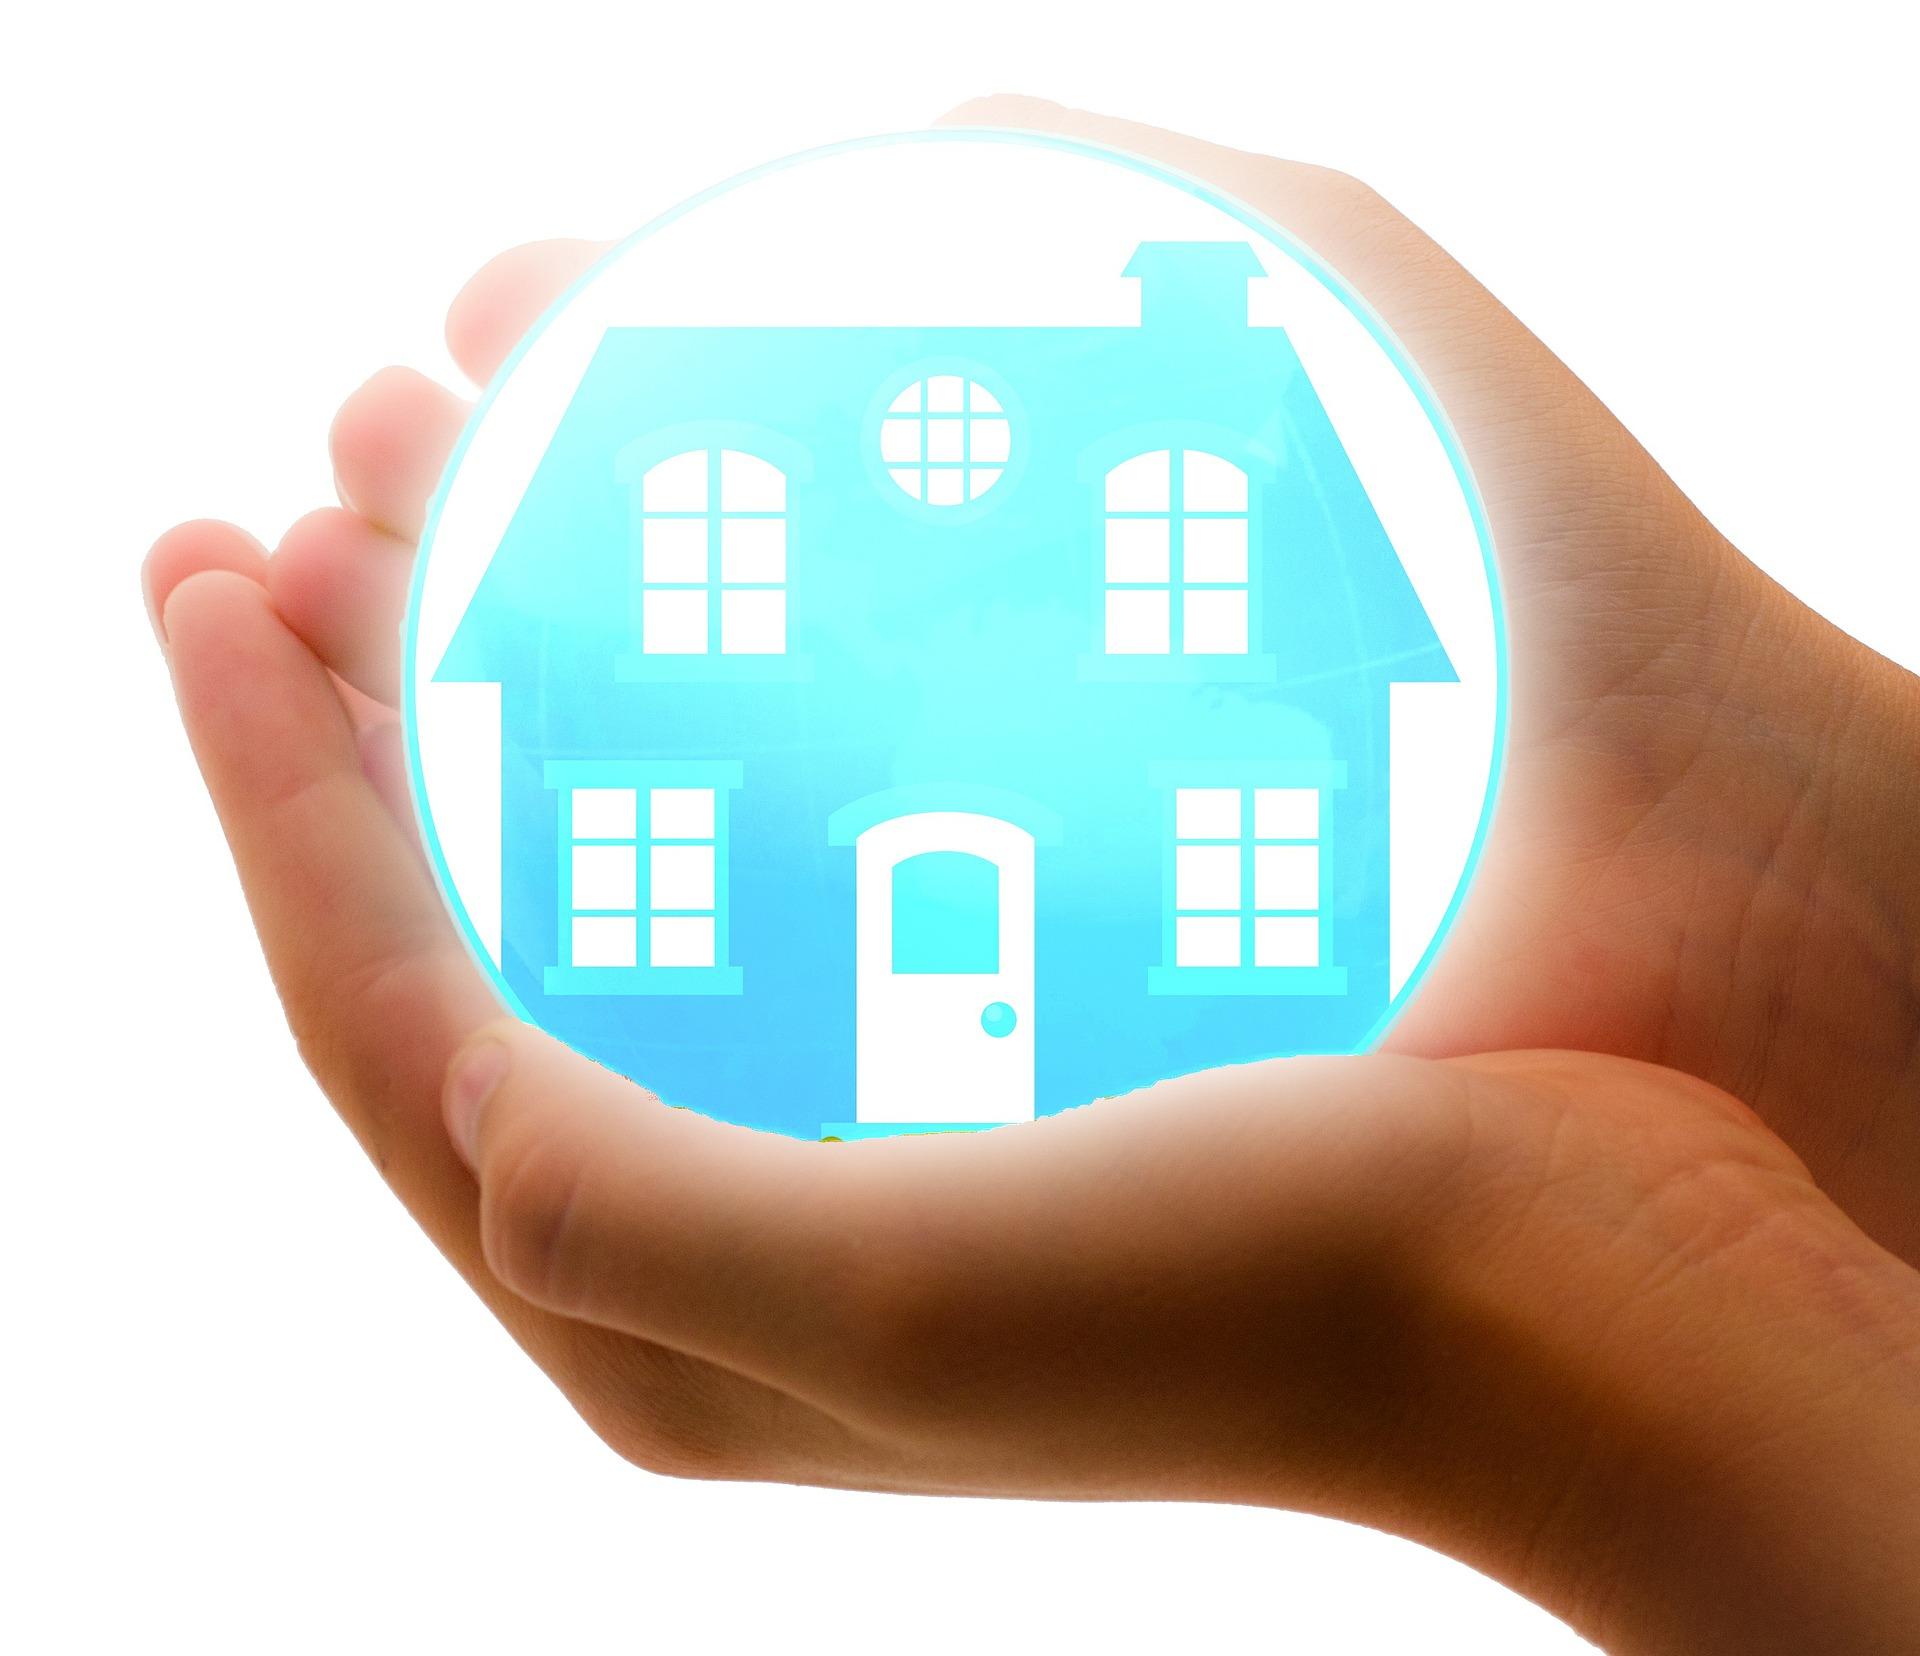 house-insurance-419058_1920.jpg